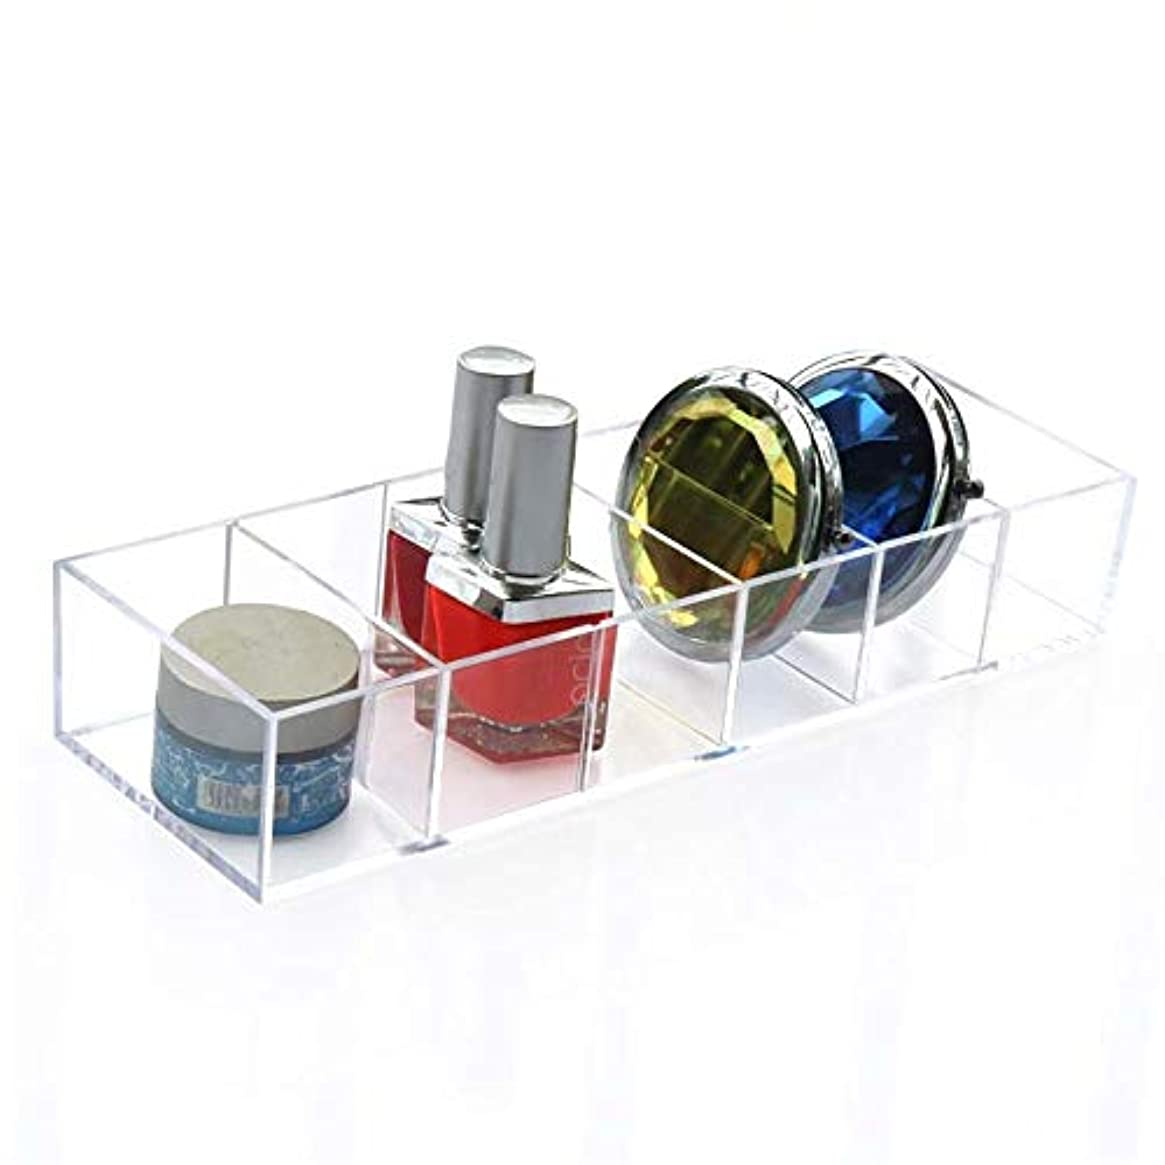 見せます意気込み伝記整理簡単 シンプル6スロットアクリルフェイスパウダー口紅ホルダー化粧ケース収納オーガナイザーボックス (Color : Clear, Size : 25.5*8.6*4.4CM)